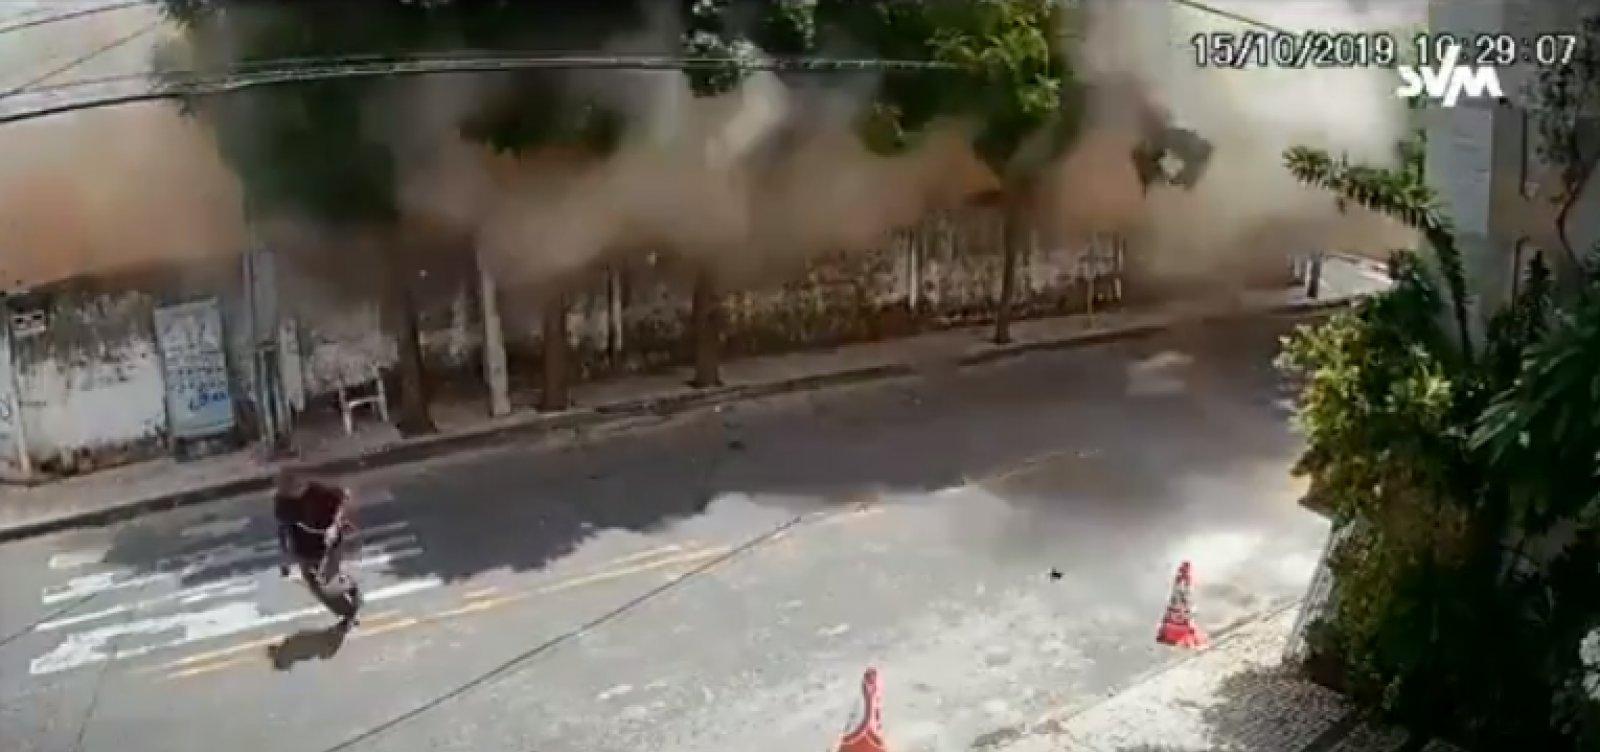 Novo vídeo mostra momento exato em que prédio desaba em Fortaleza